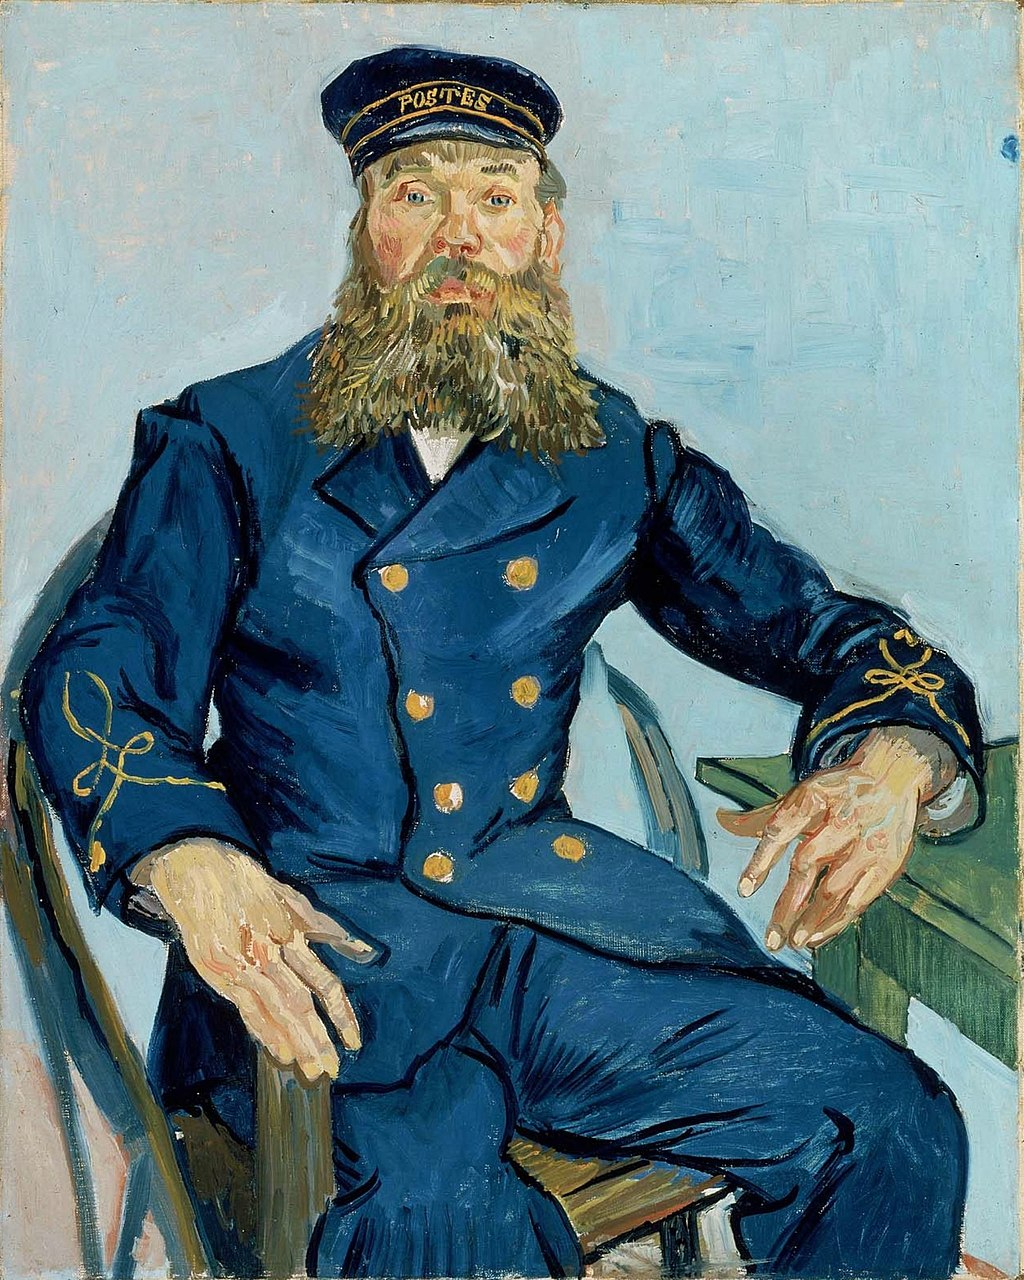 Почтальон Джозеф Рулен, 1888 год,  Музей изящных искусств, Бостон.